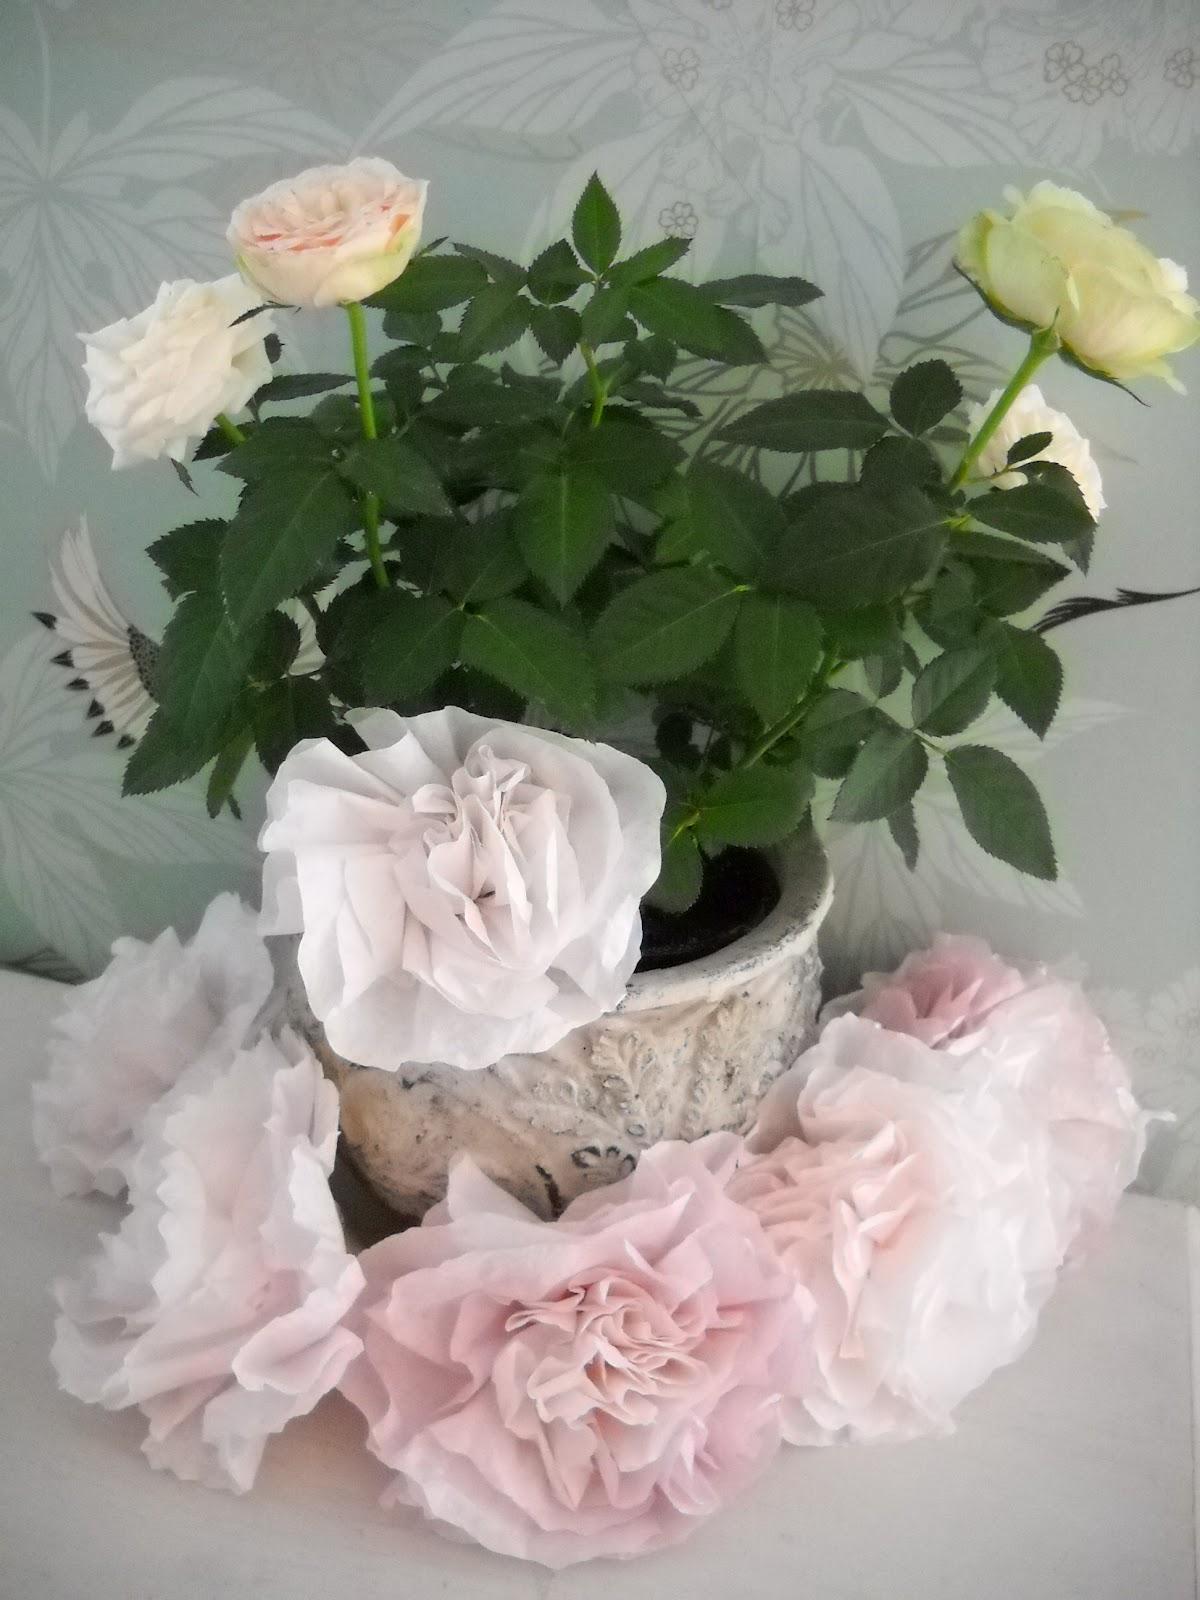 rosenblüten trocknen backofen